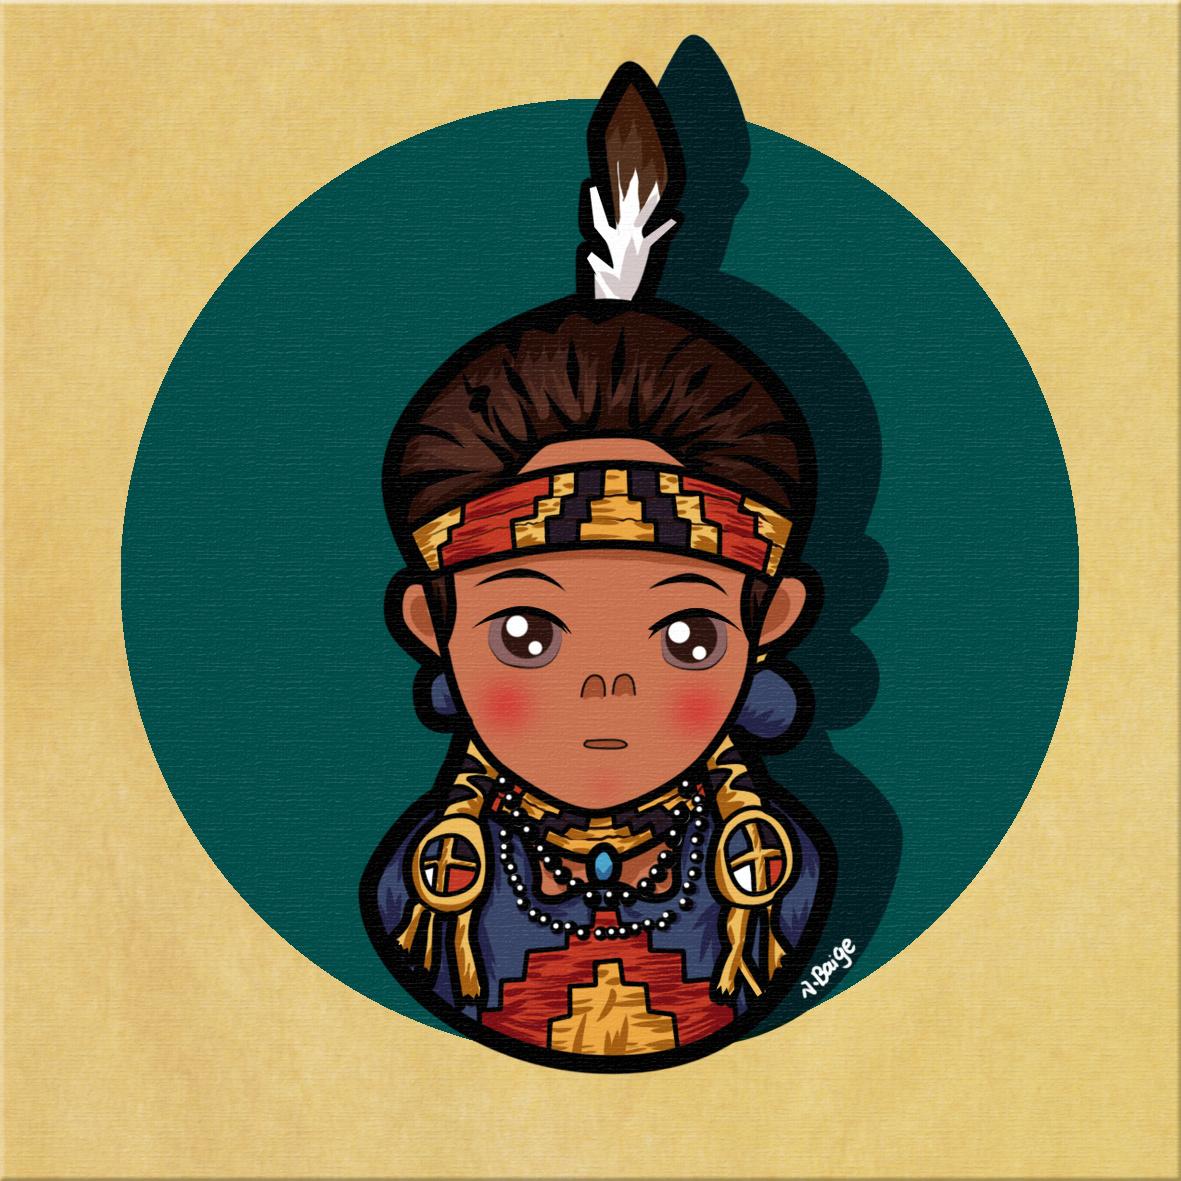 印第安卡通头像|动漫|肖像漫画|小柏阁 - 原创作品图片